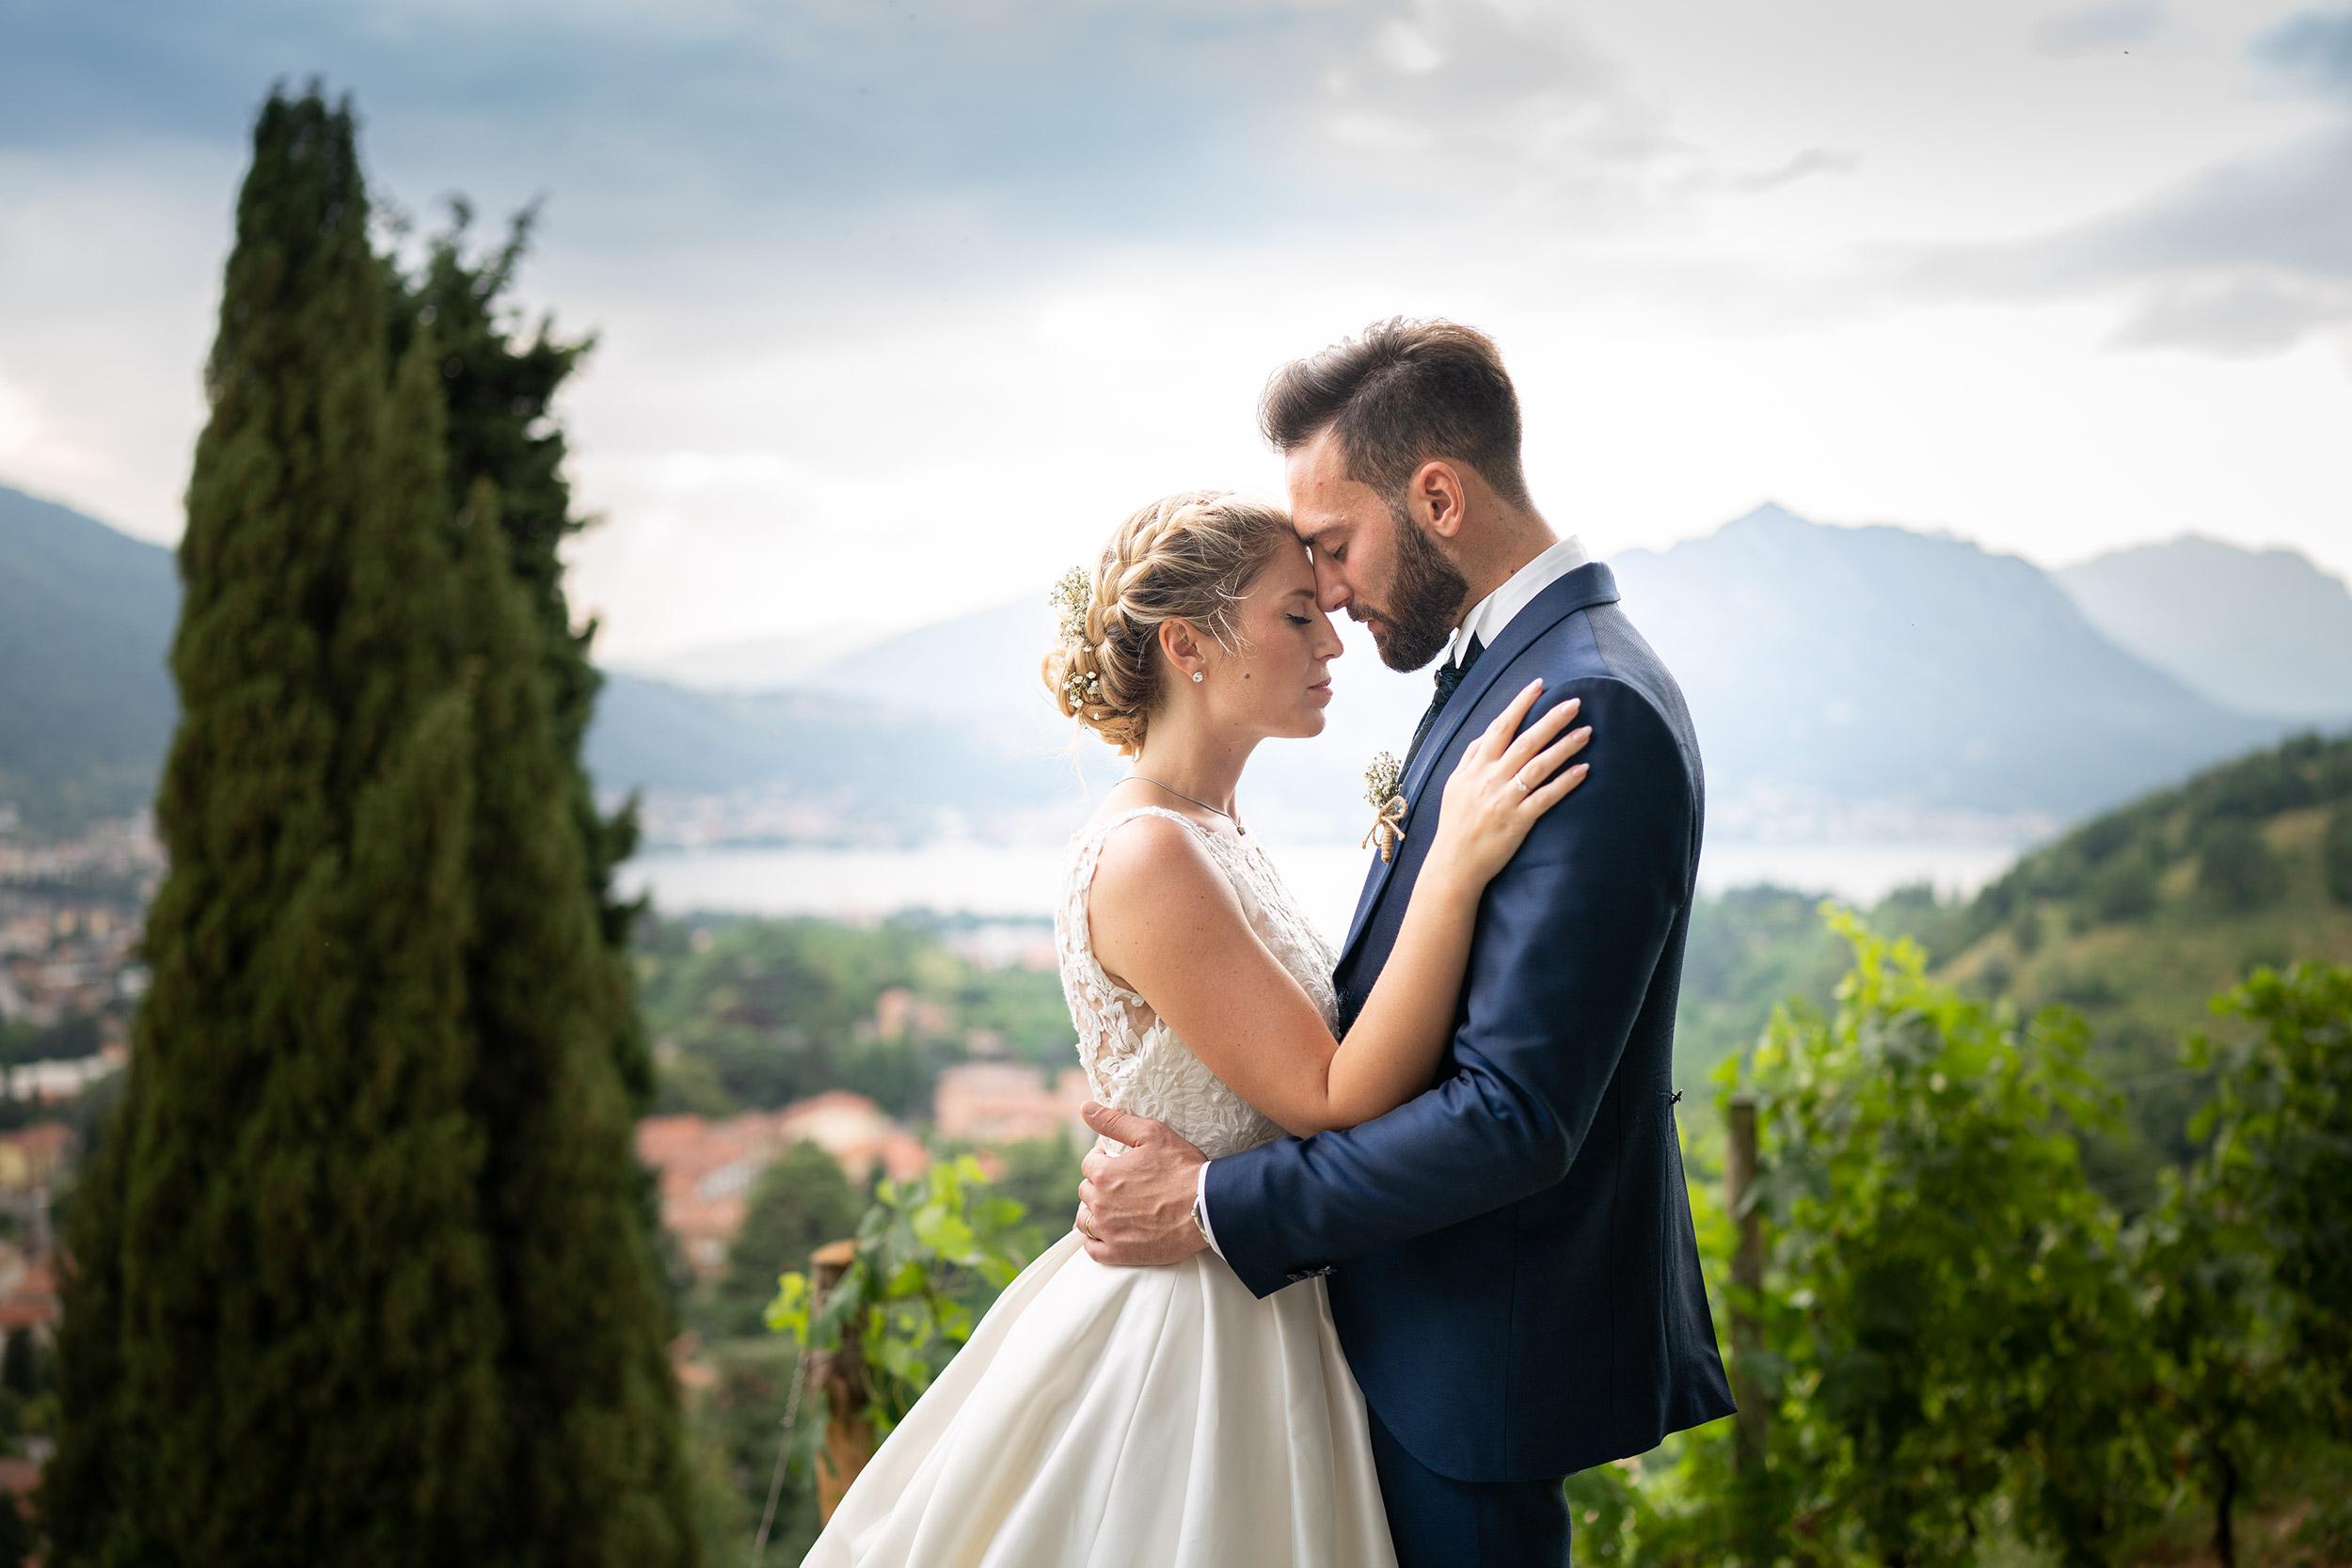 033 fotografo matrimonio reportage wedding sposi ritratto castello rossino calolziocorte lecco lago como 1